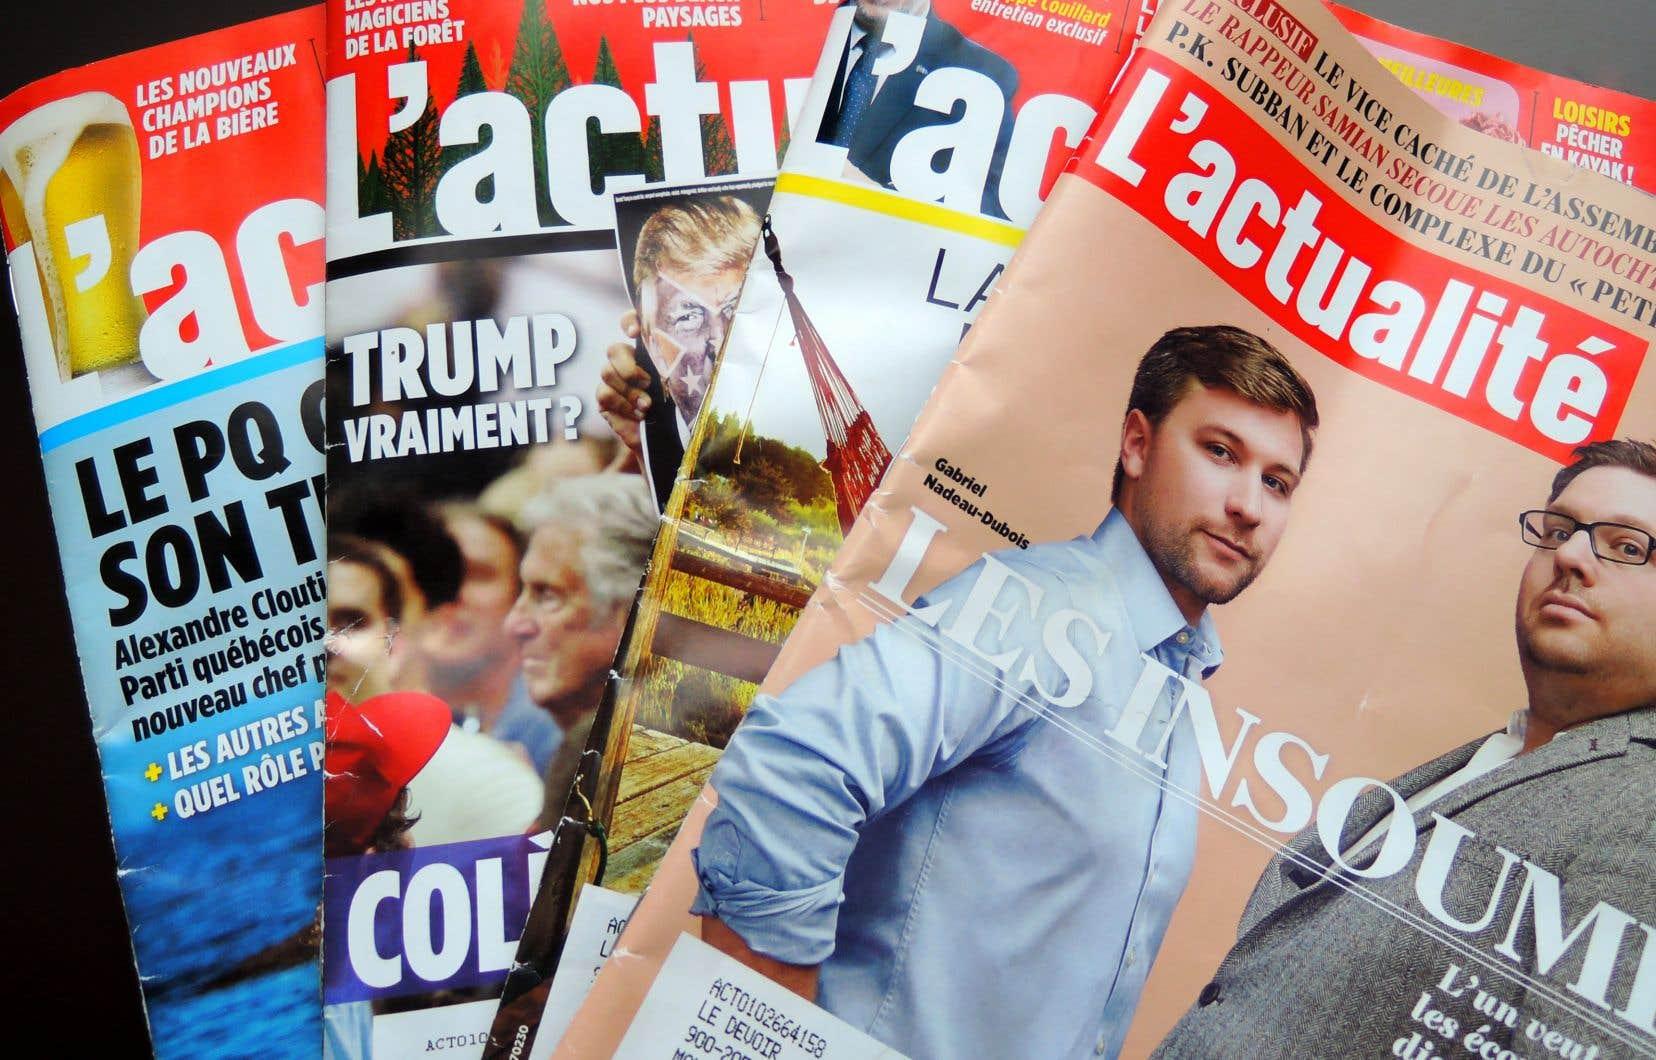 Le magazine «L'actualité» avait reçu 800000$ de Patrimoine canadien en 2018 en comparaison de 1,2million en 2017.